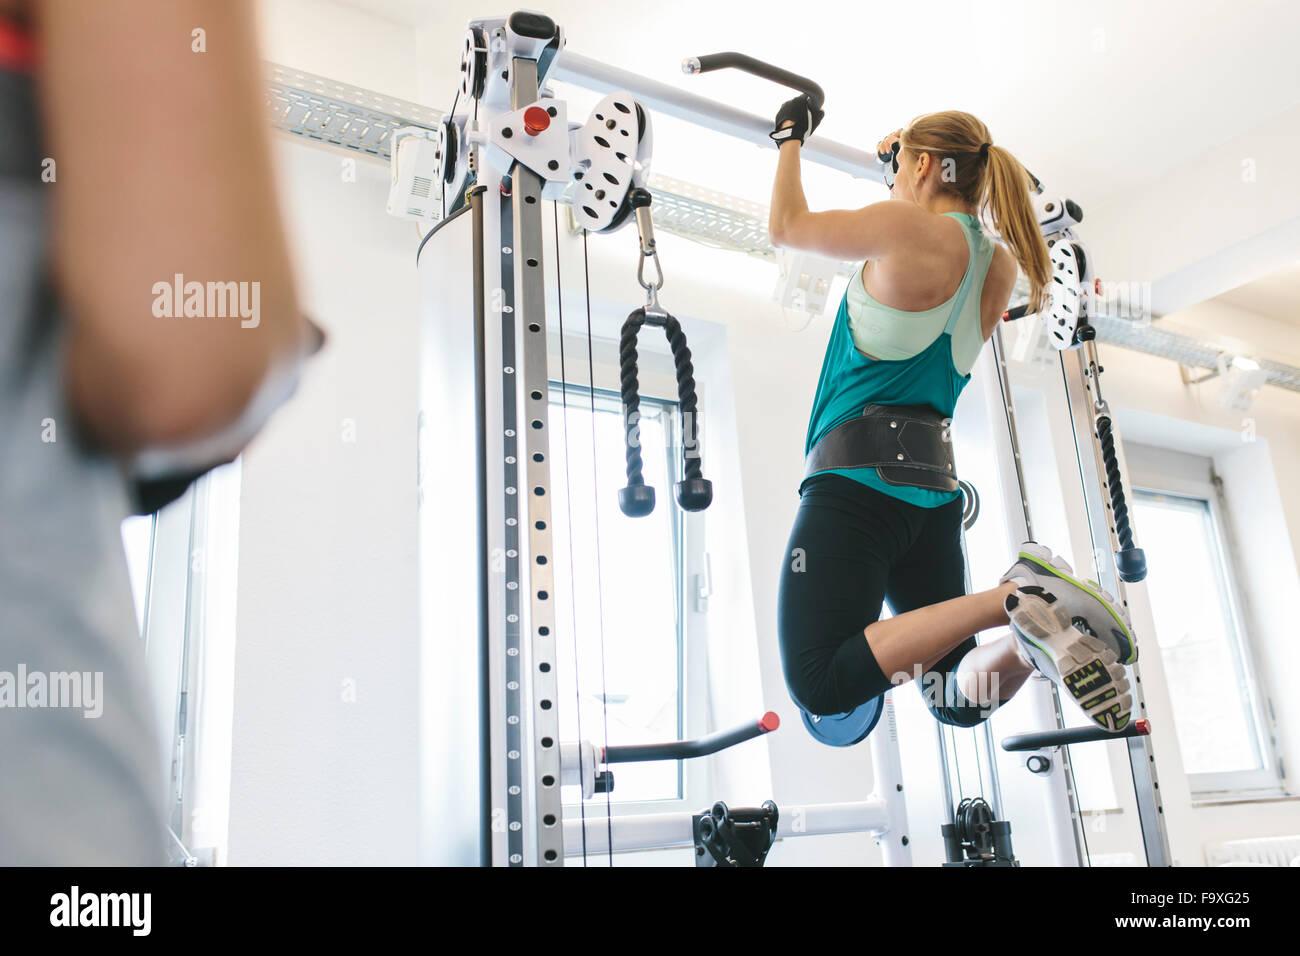 Mujer haciendo pull-ups con pesas en el gimnasio Imagen De Stock